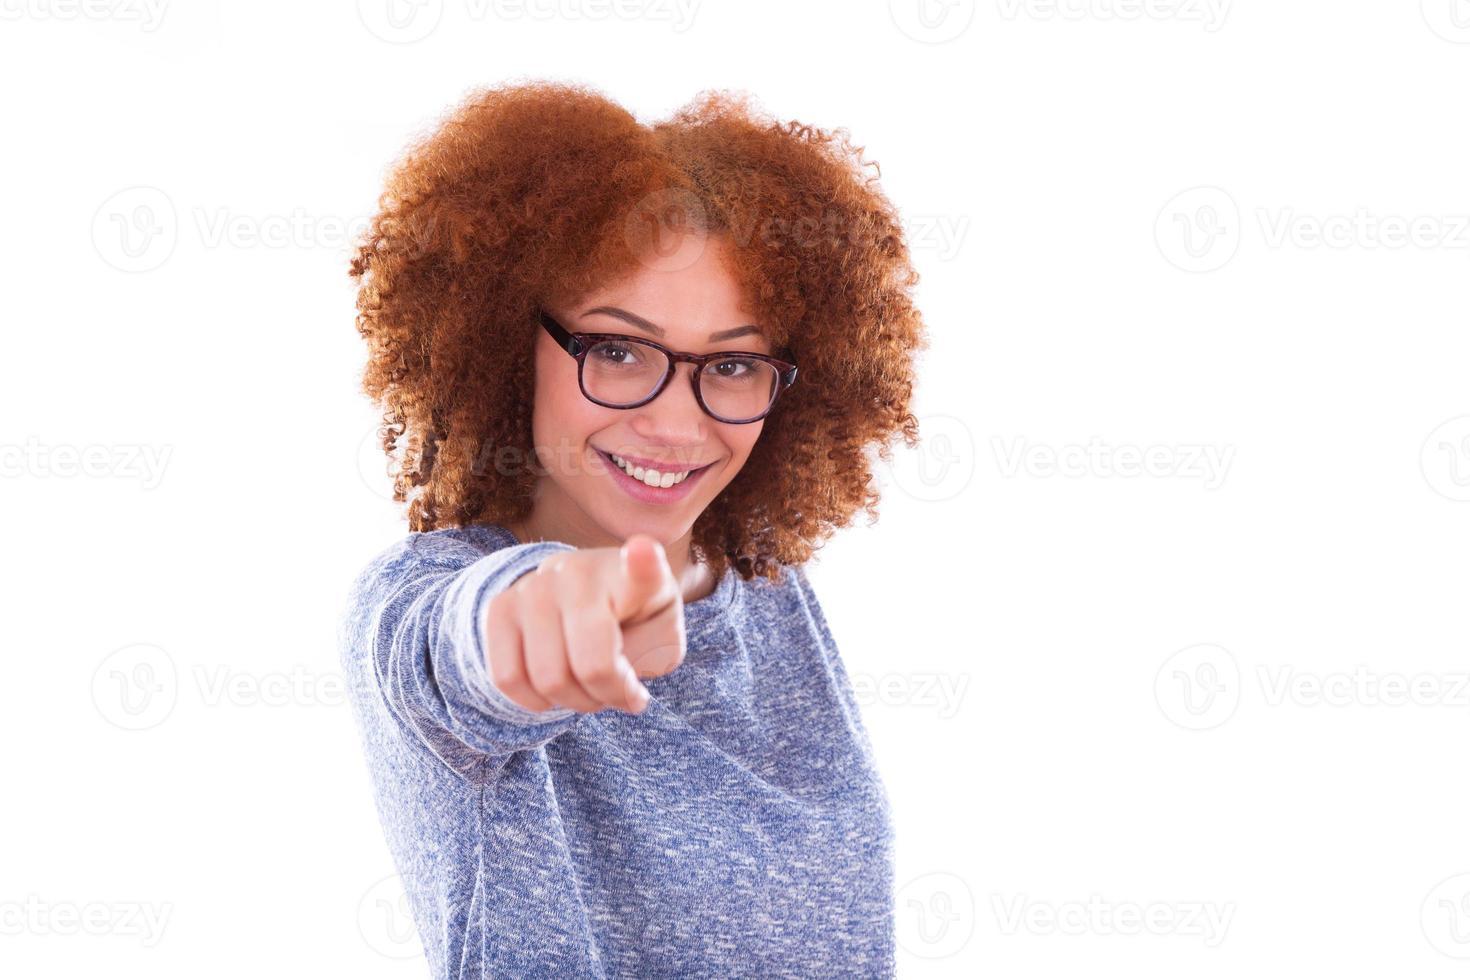 giovane ragazza afro-americana che punta il dito verso il ghiaione foto